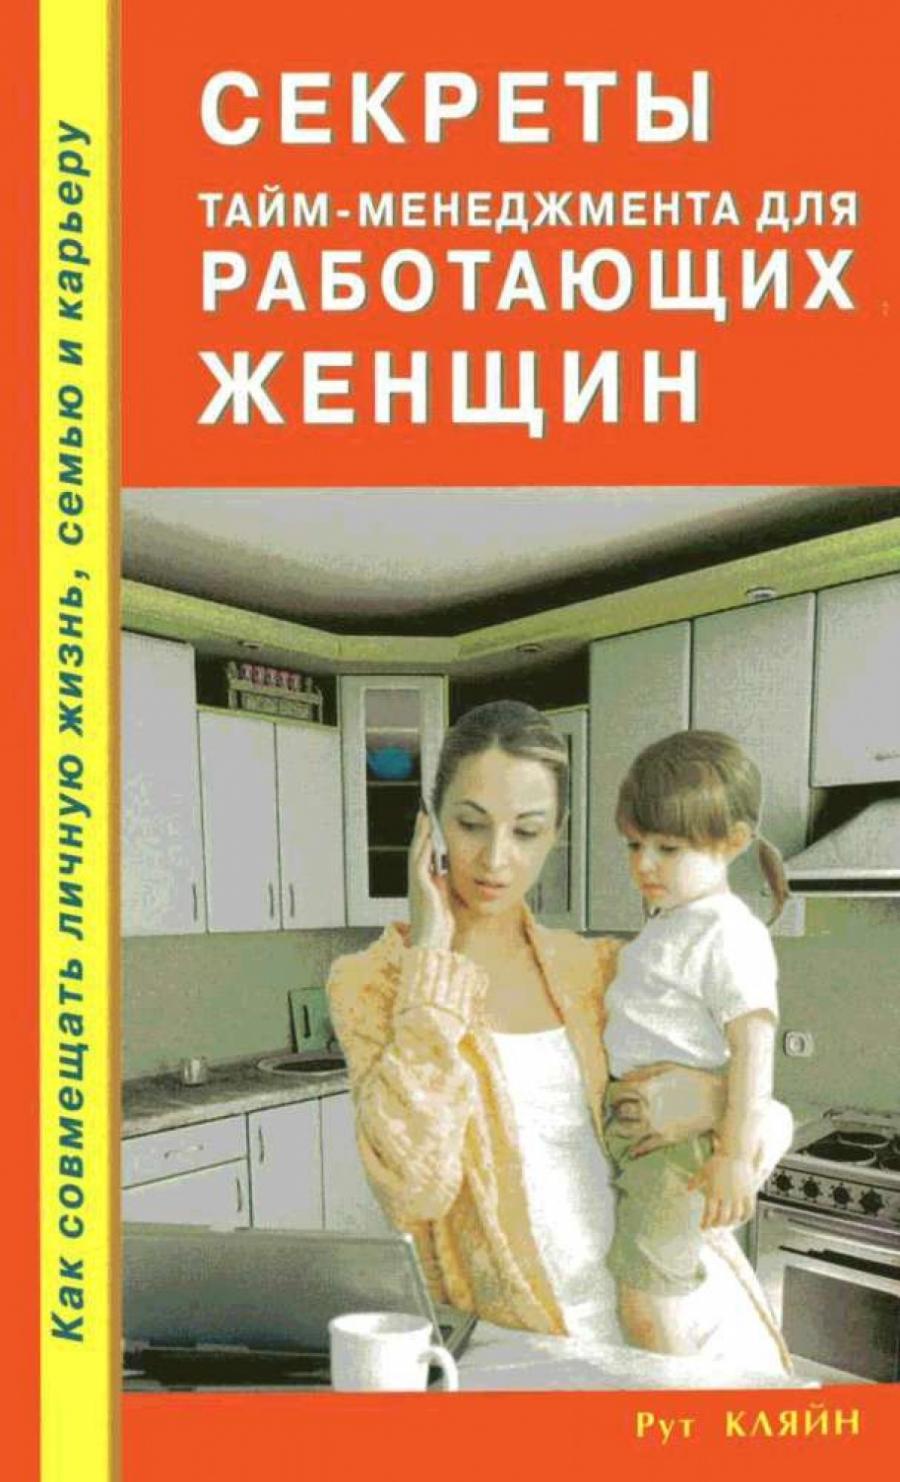 Обложка книги:  кляйн р. - секреты тайм-менеджмента для работающих женщин. как совмещать личную жизнь, семью и карьеру